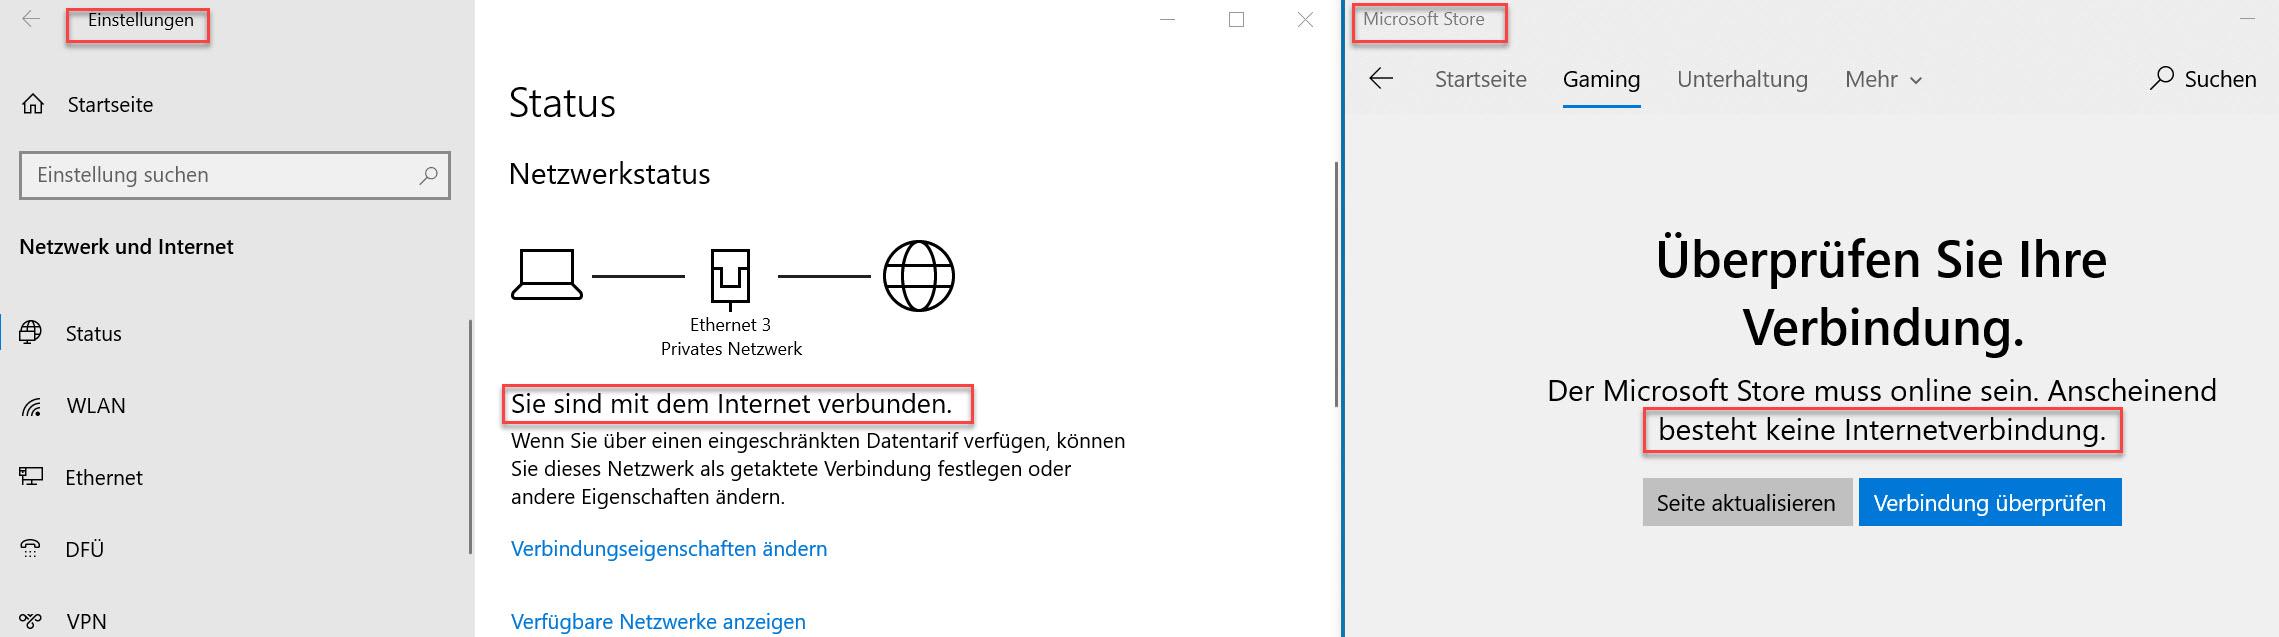 Microsoft Store und Feedback-Hub gehen nicht unter Windows 10.